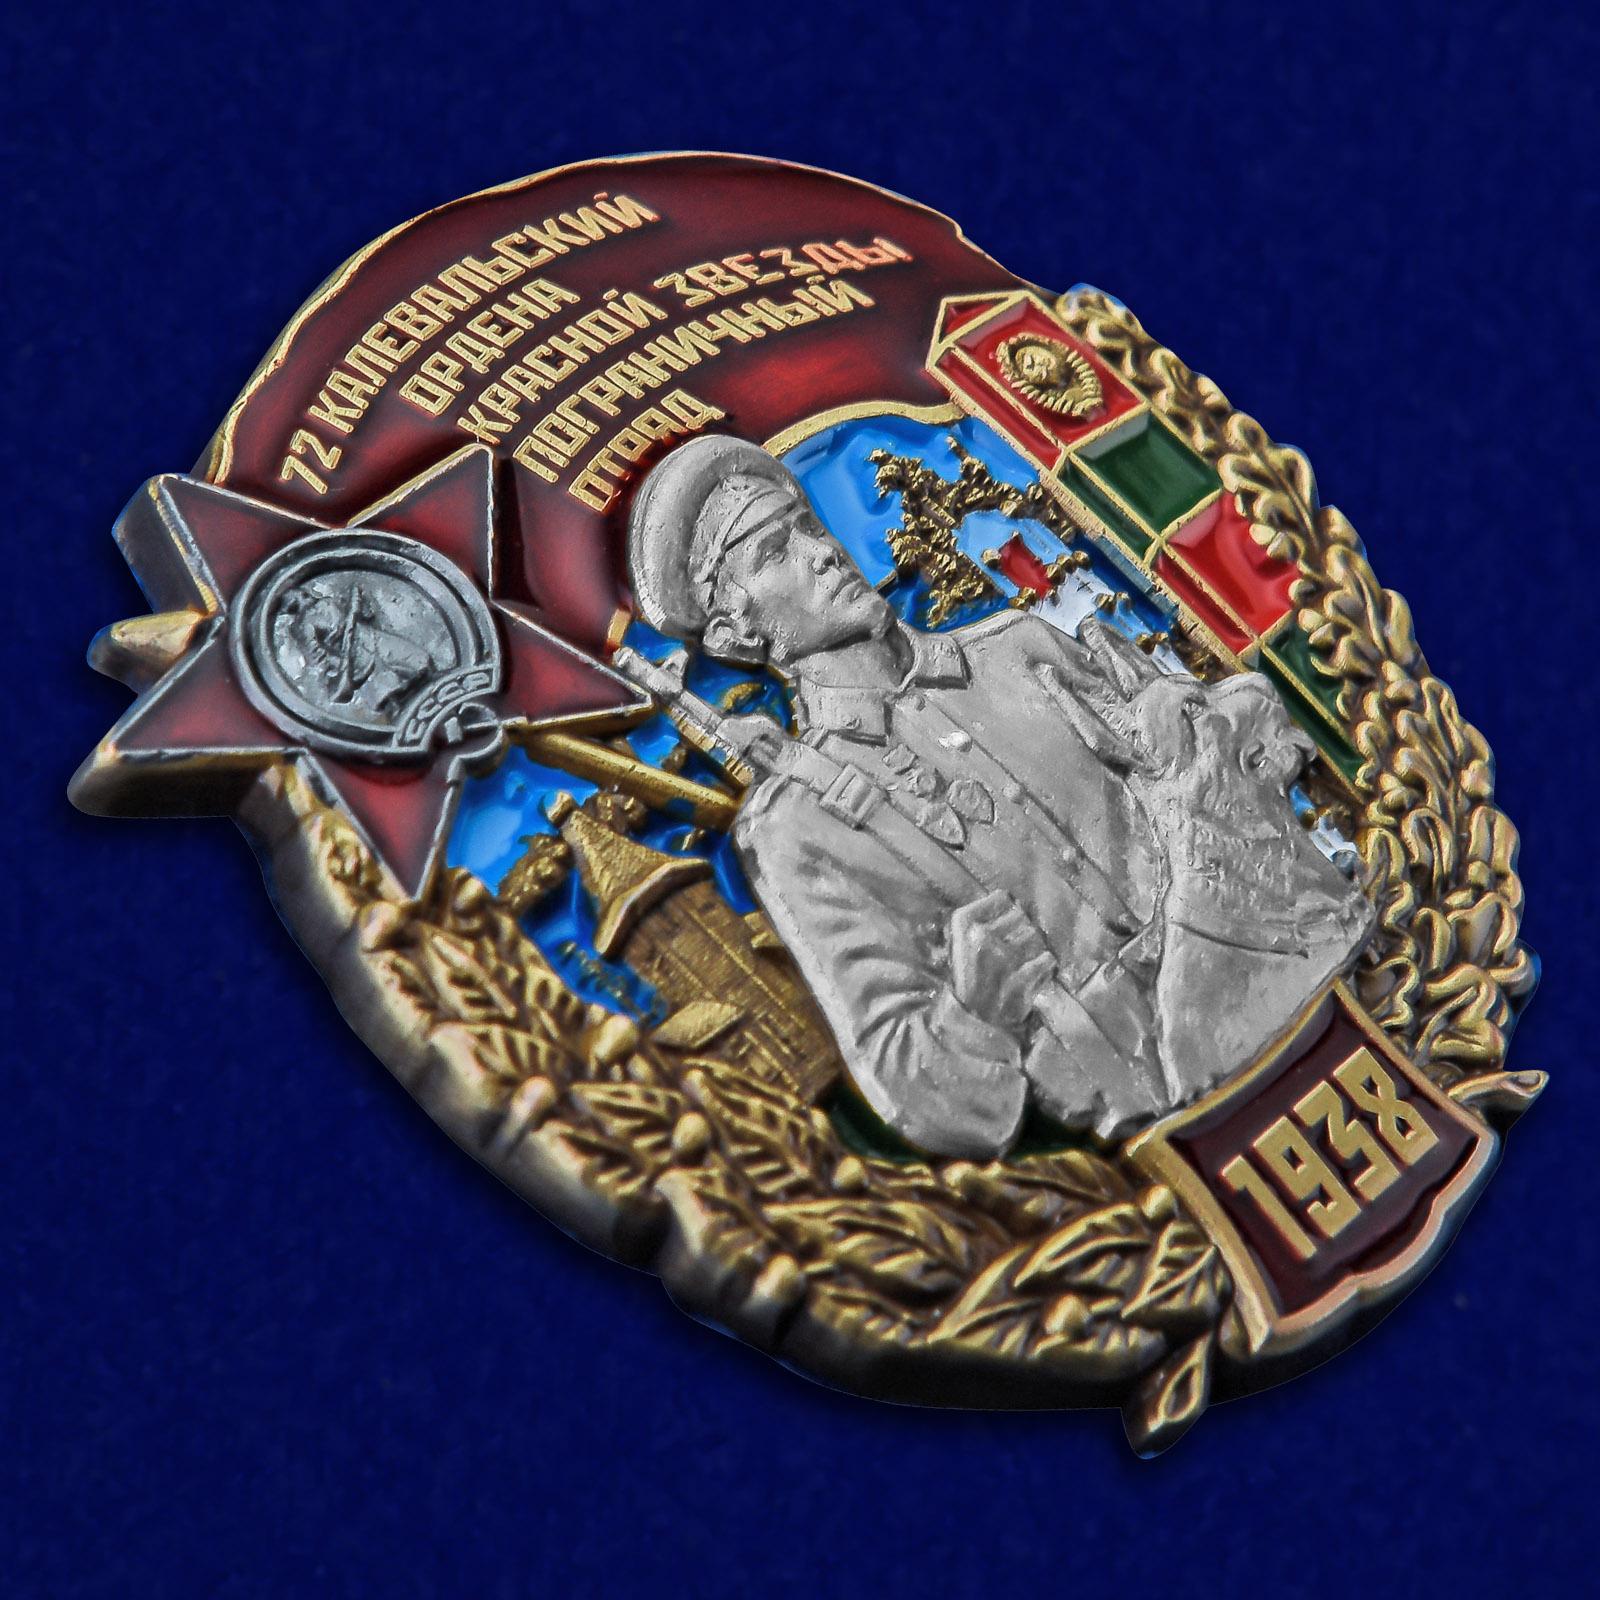 Нагрудный знак 72 Калевальский ордена Красной звезды пограничный отряд - общий вид